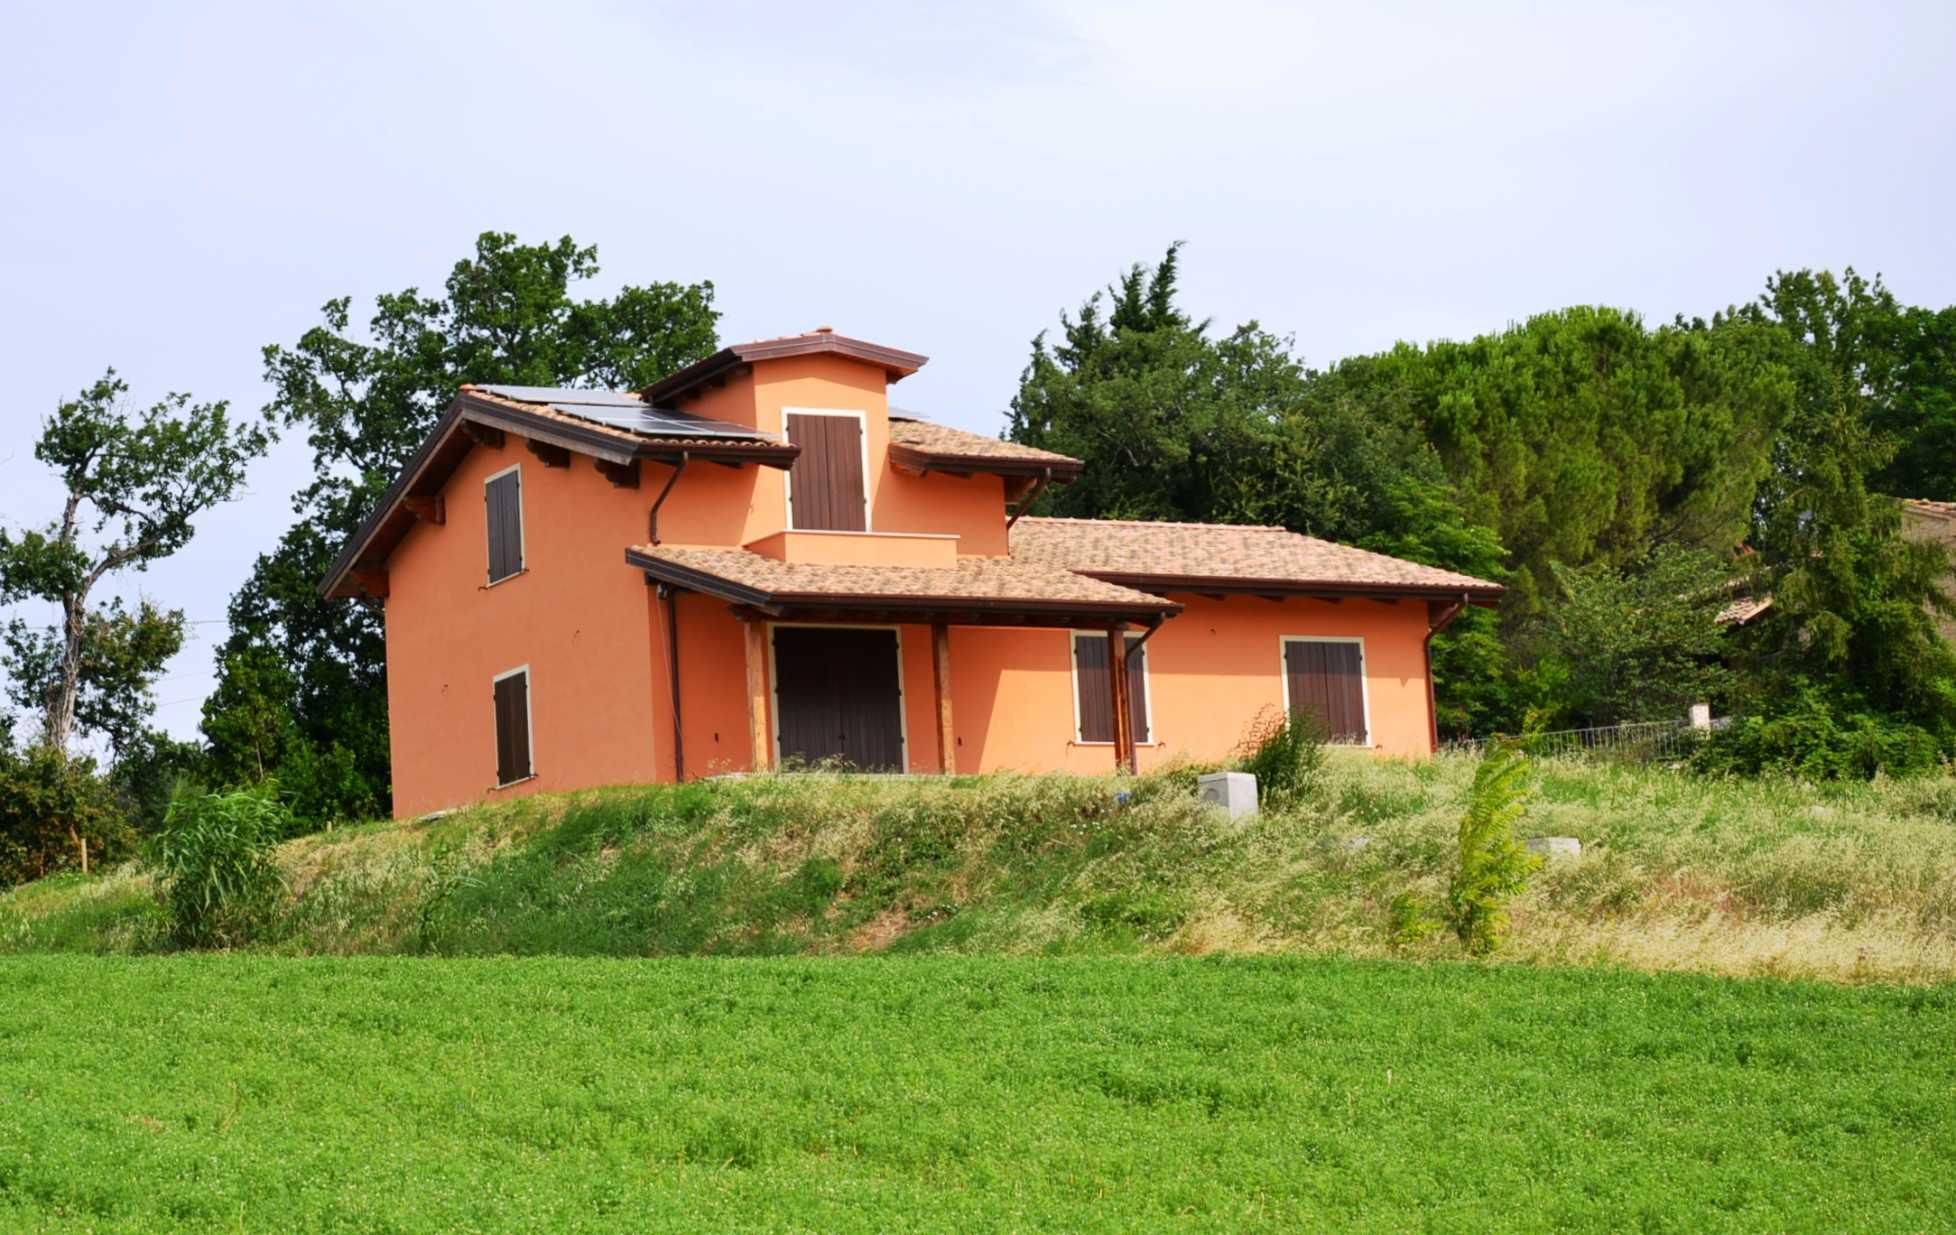 Immobili in vendita nelle marche for Case in vendita nelle isole greche